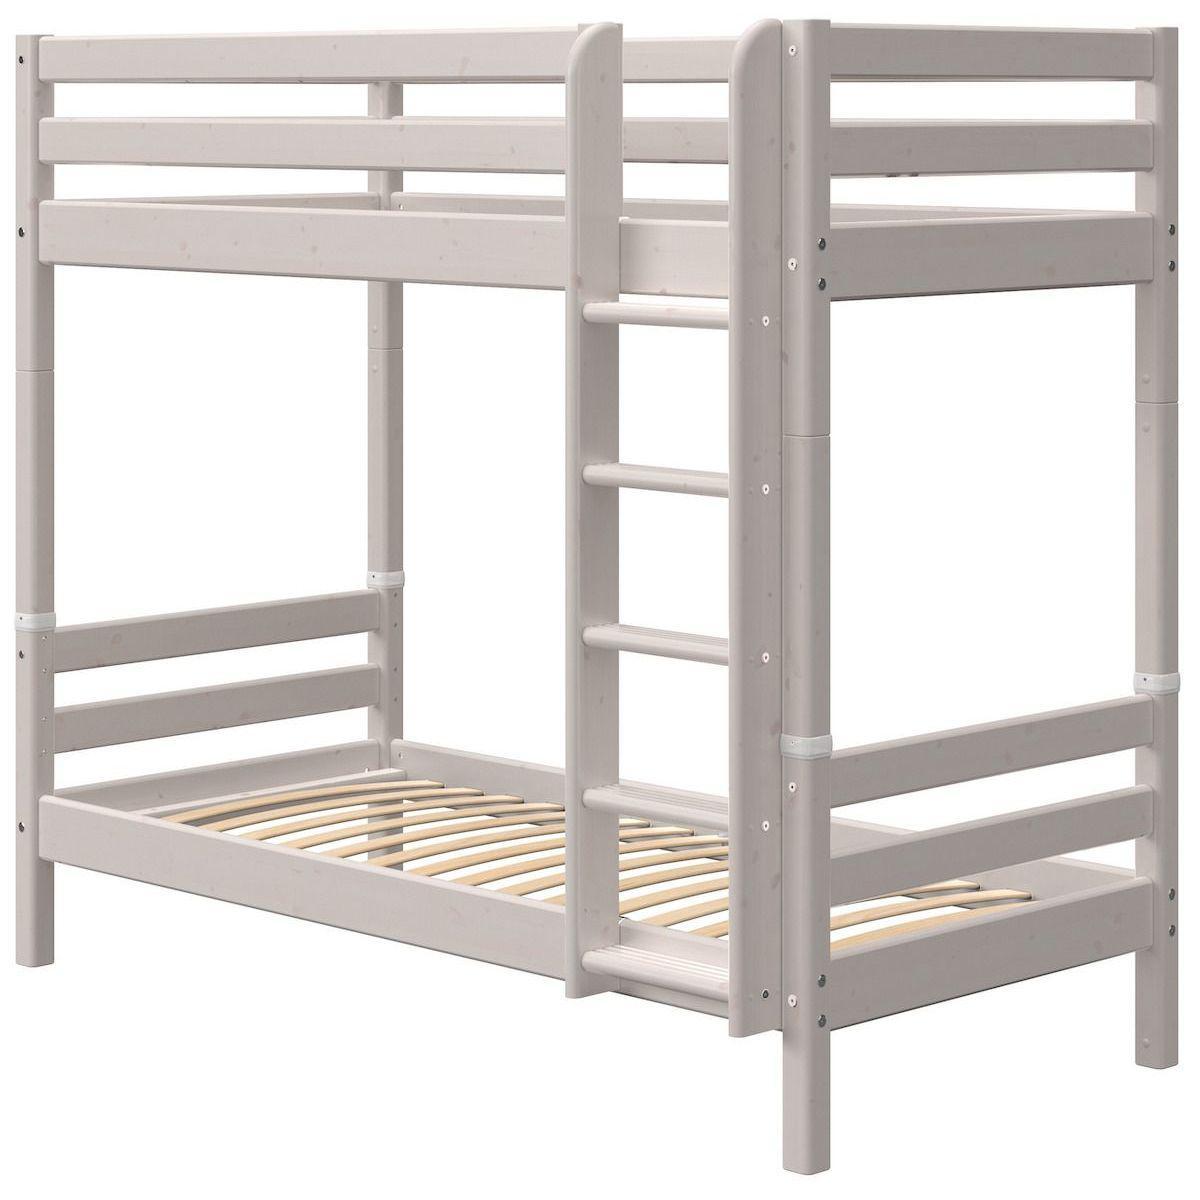 Lit superposé haut 90x190cm échelle droite CLASSIC grey washed